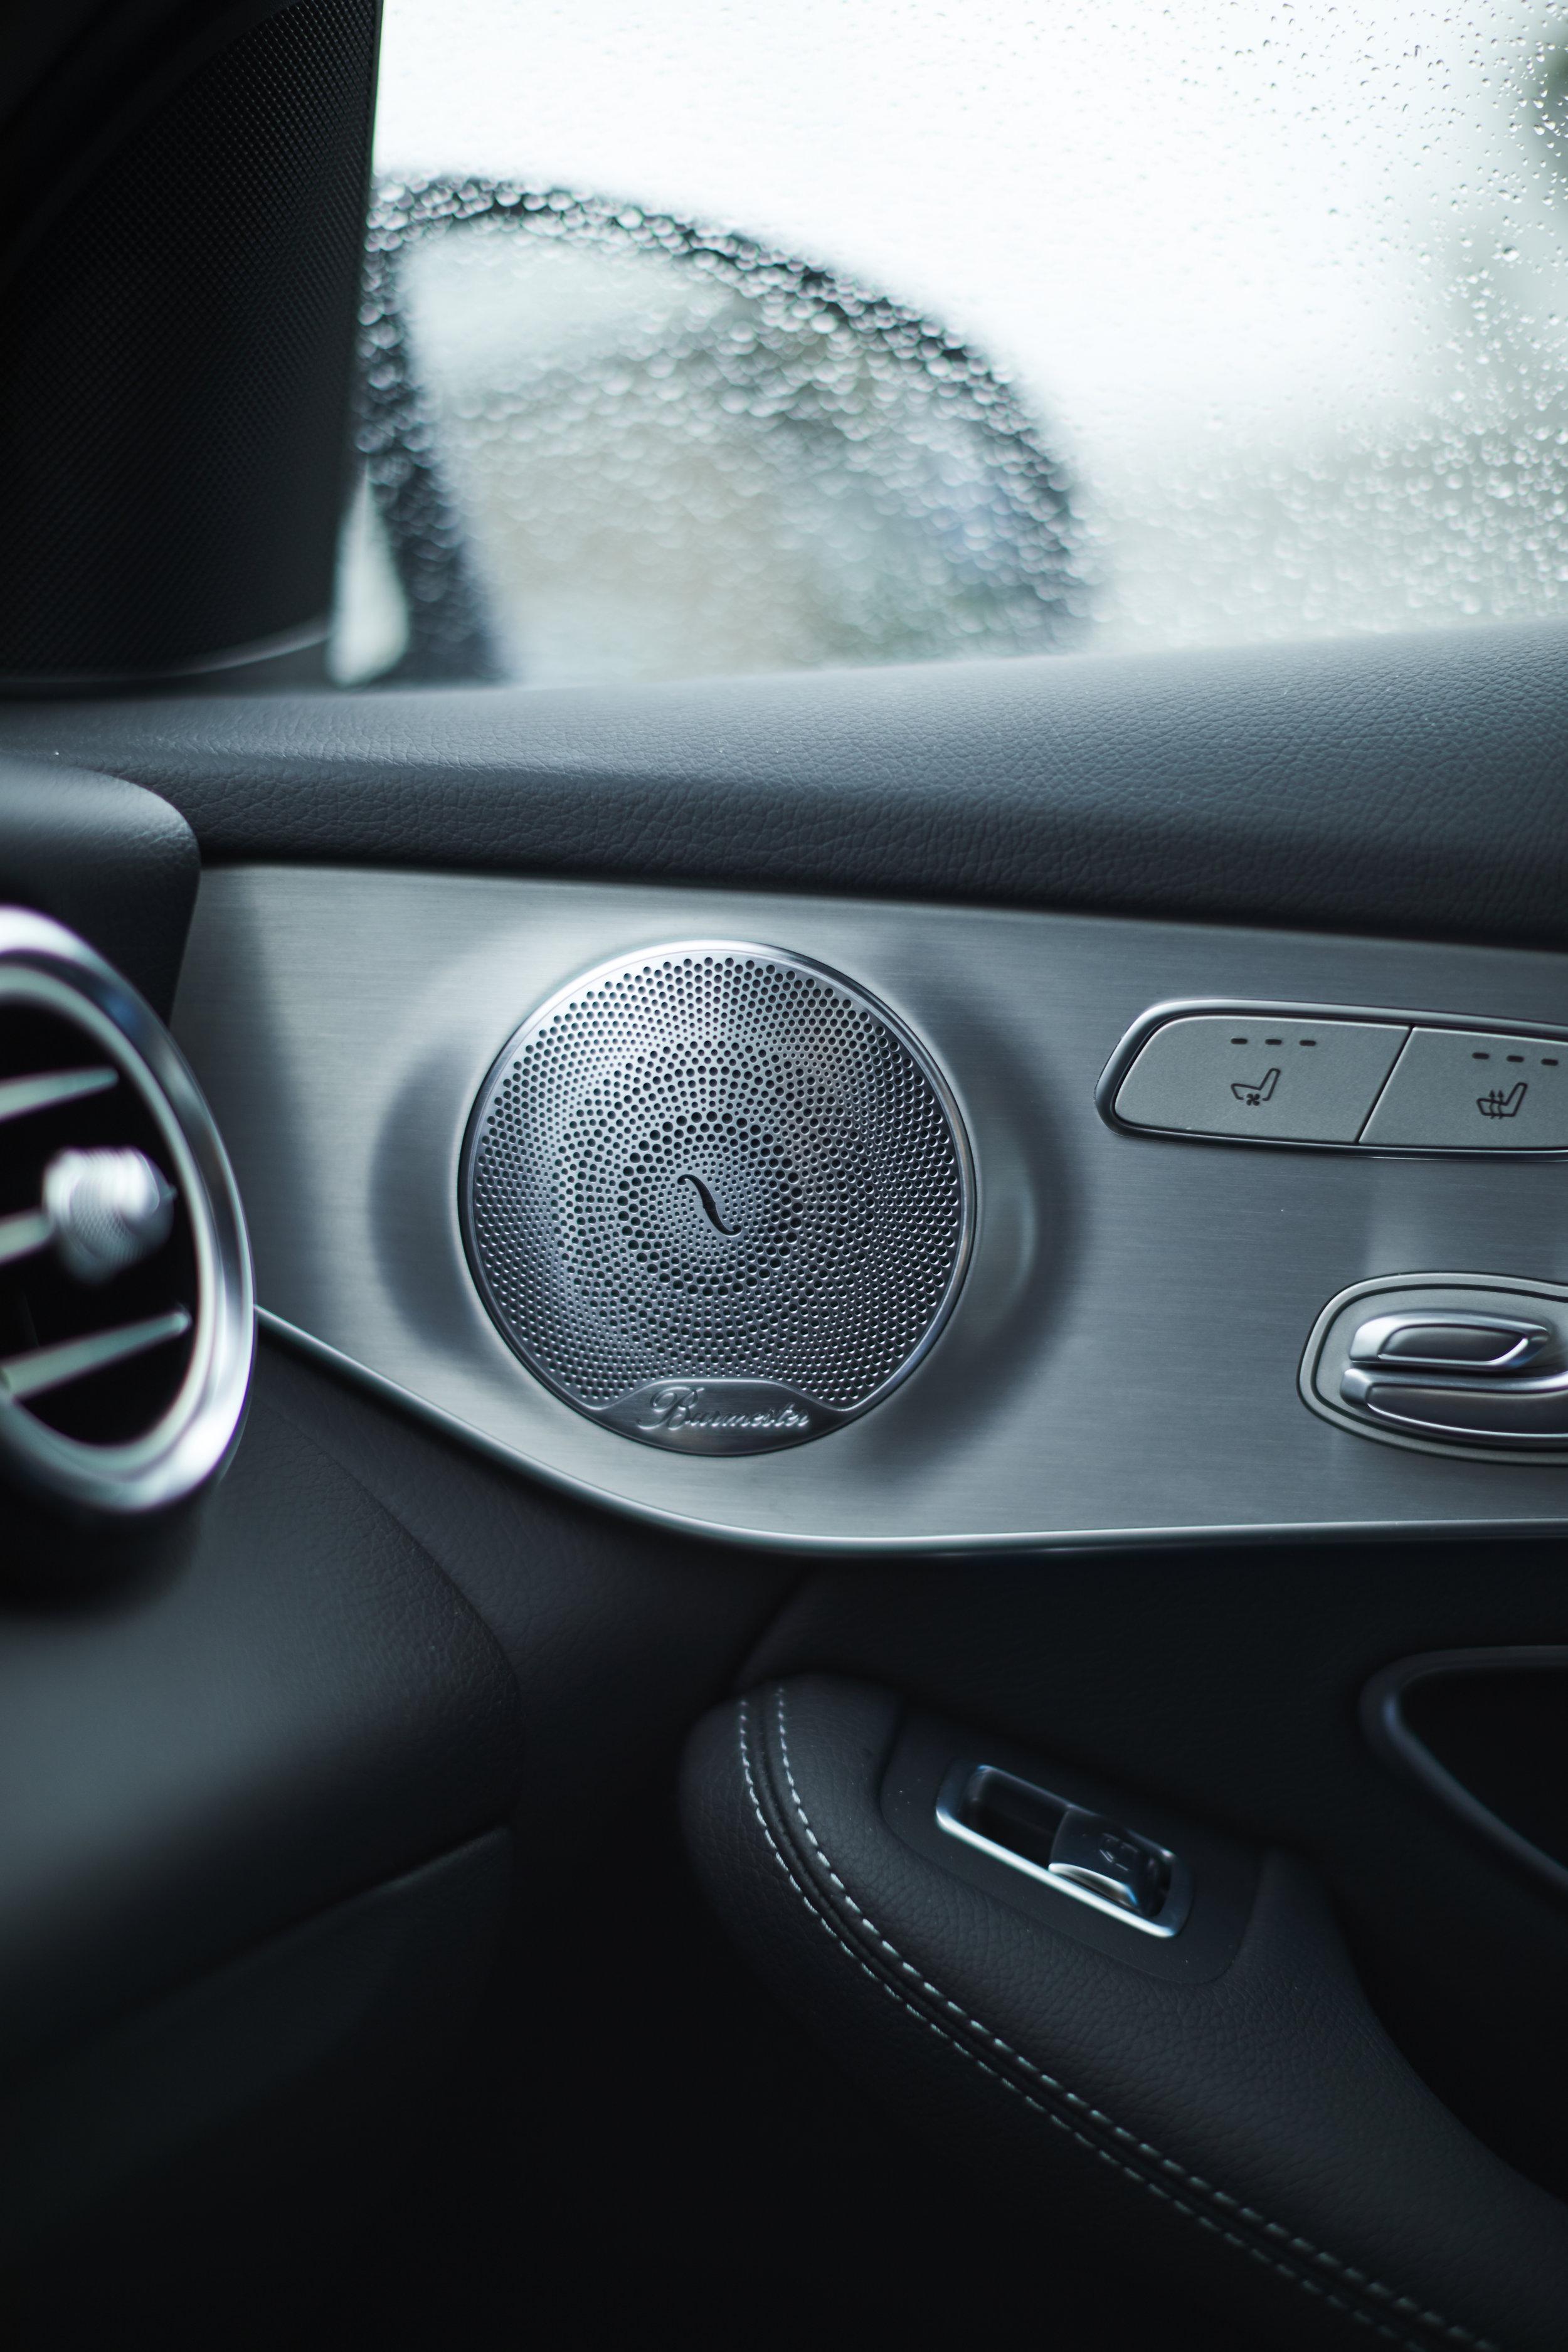 Regen, Regen - Sitzheizung - Wenns draussen regnet kann man schon mal das Interieur und guten Sound geniessen. Da kann man Mercedes-Benz wohl nichts vorwerfen :D